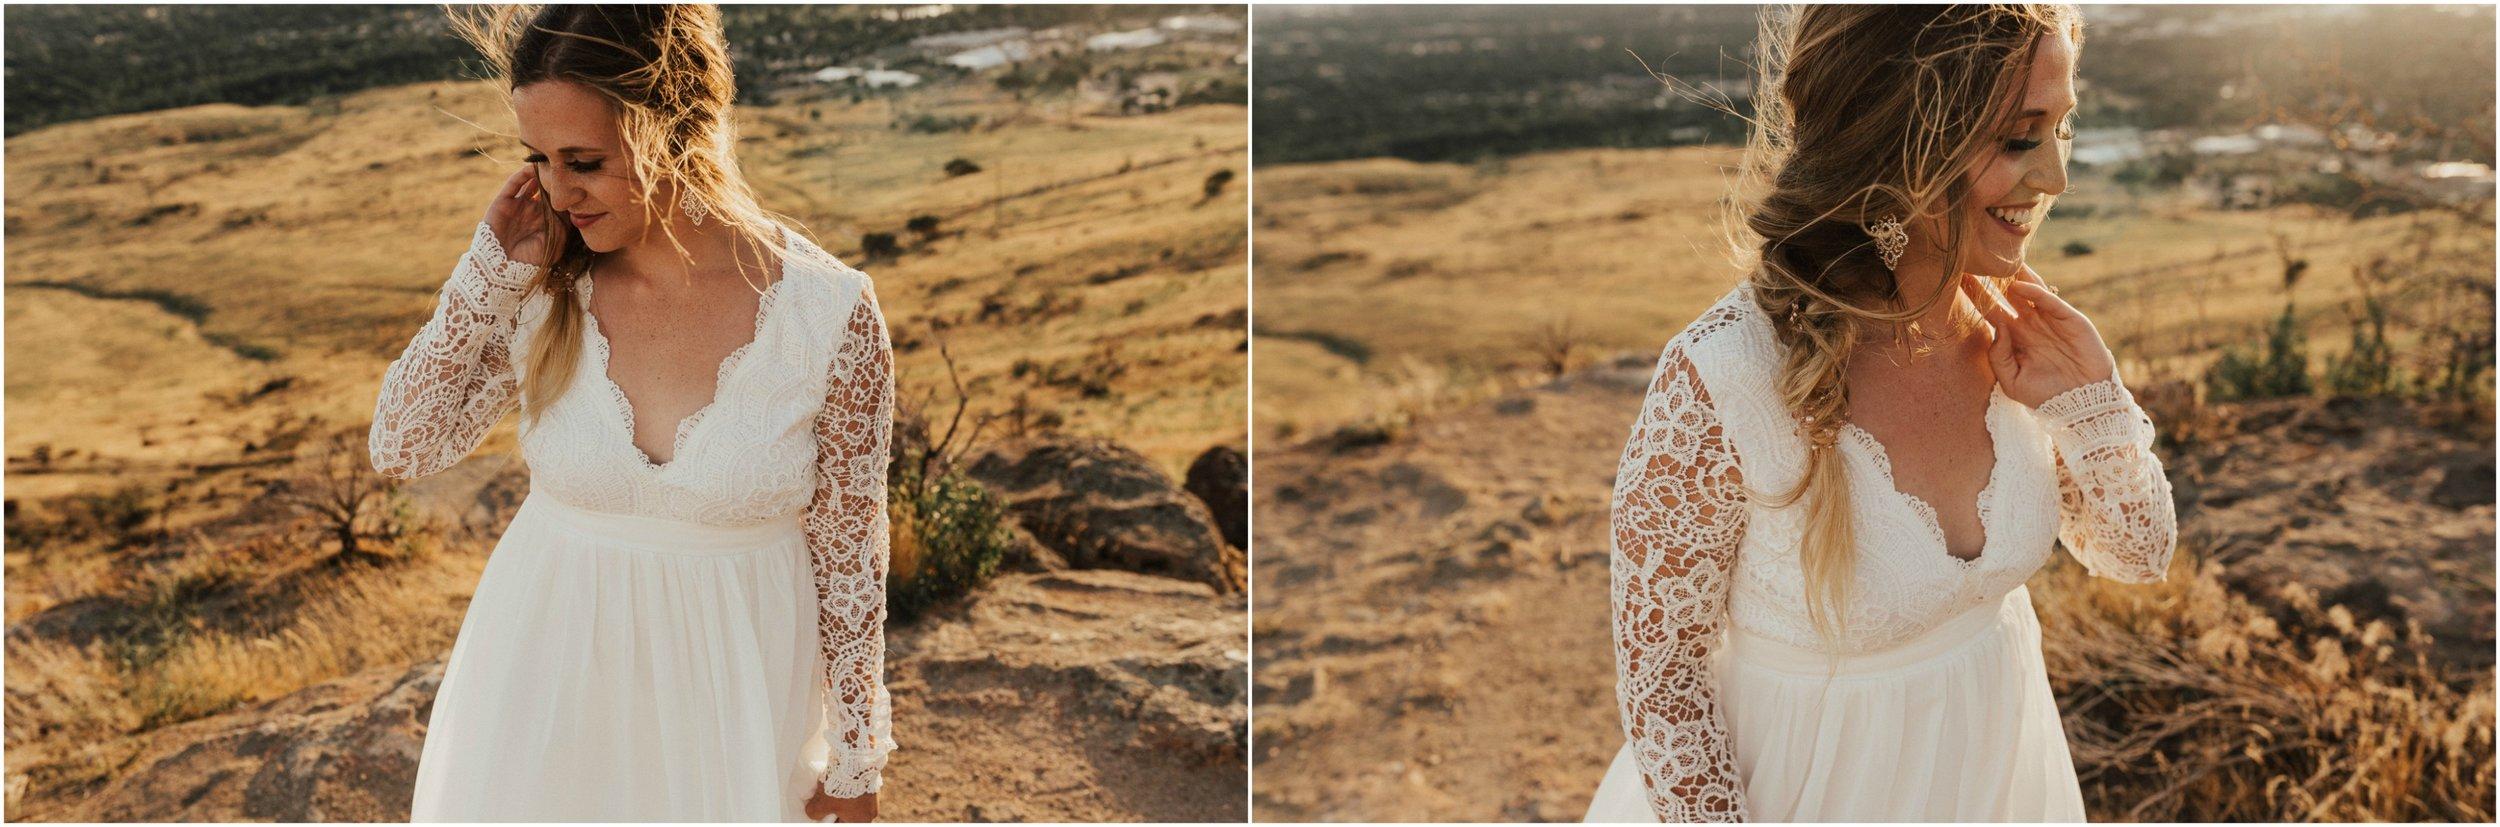 BeFunky Collage-4.jpg